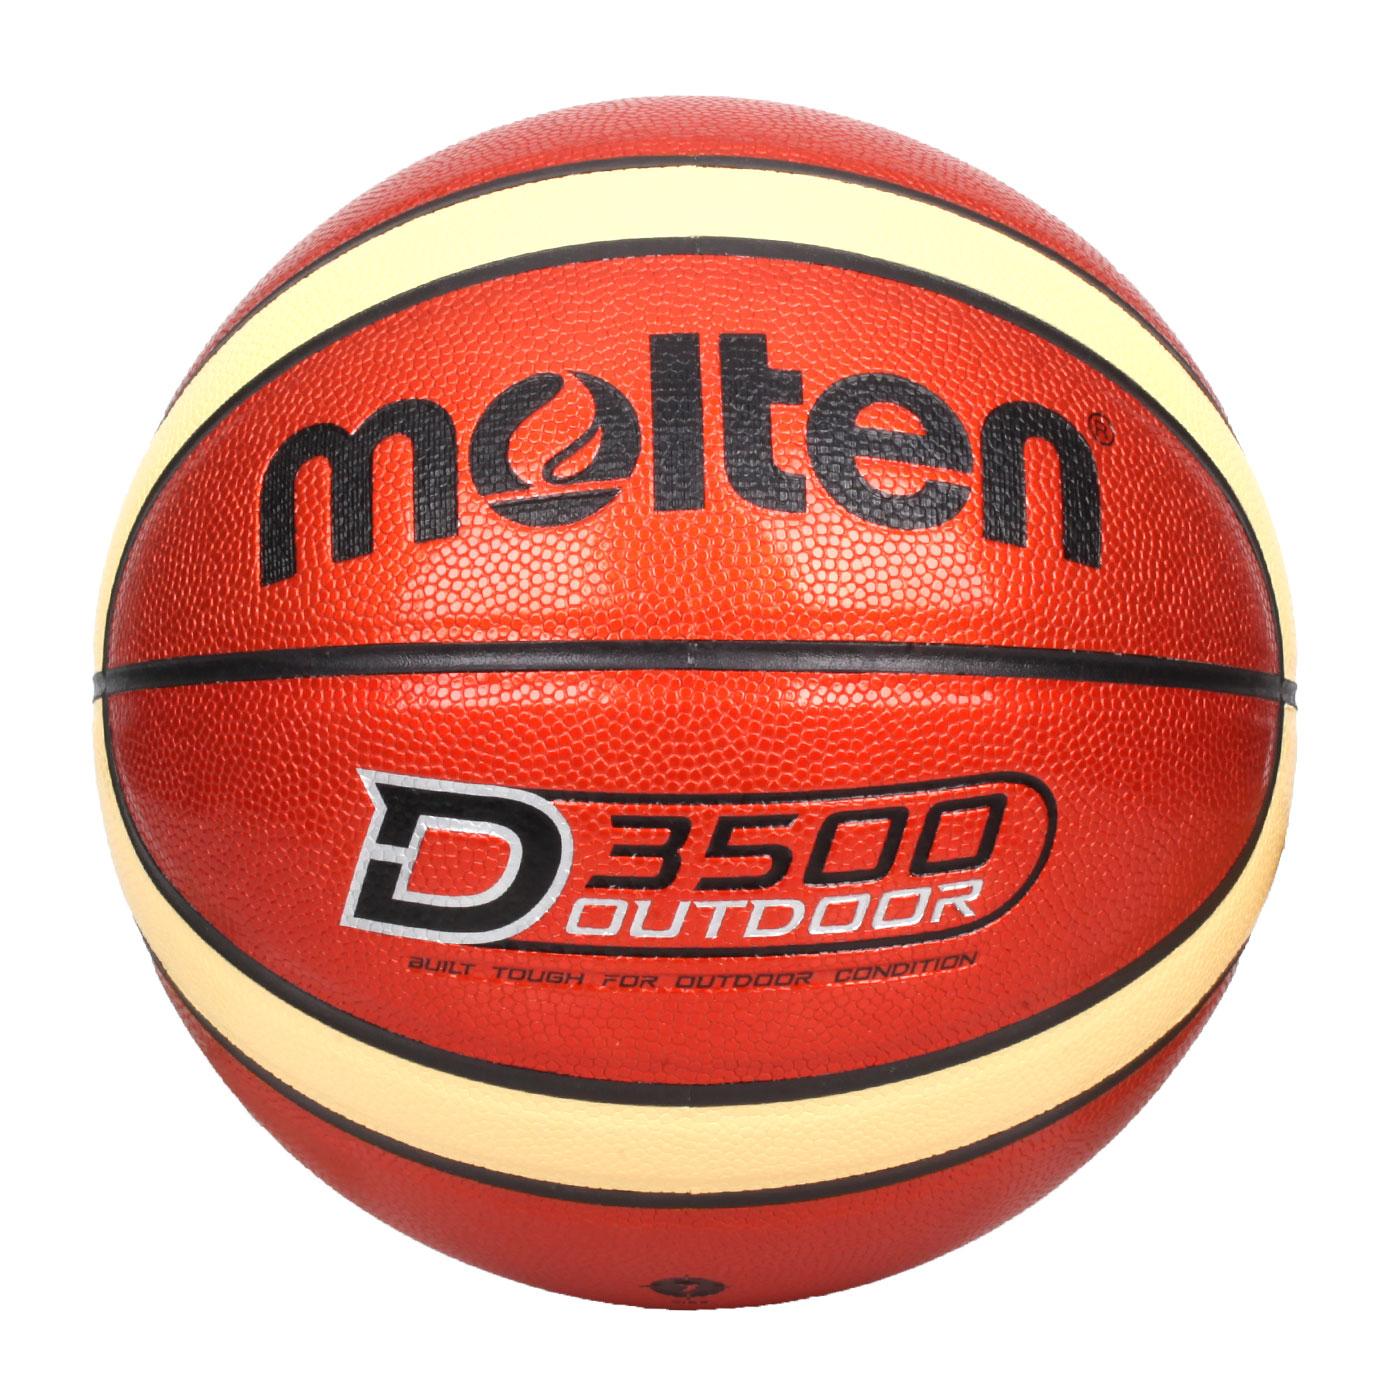 Molten #7合成皮籃球 B7D3500